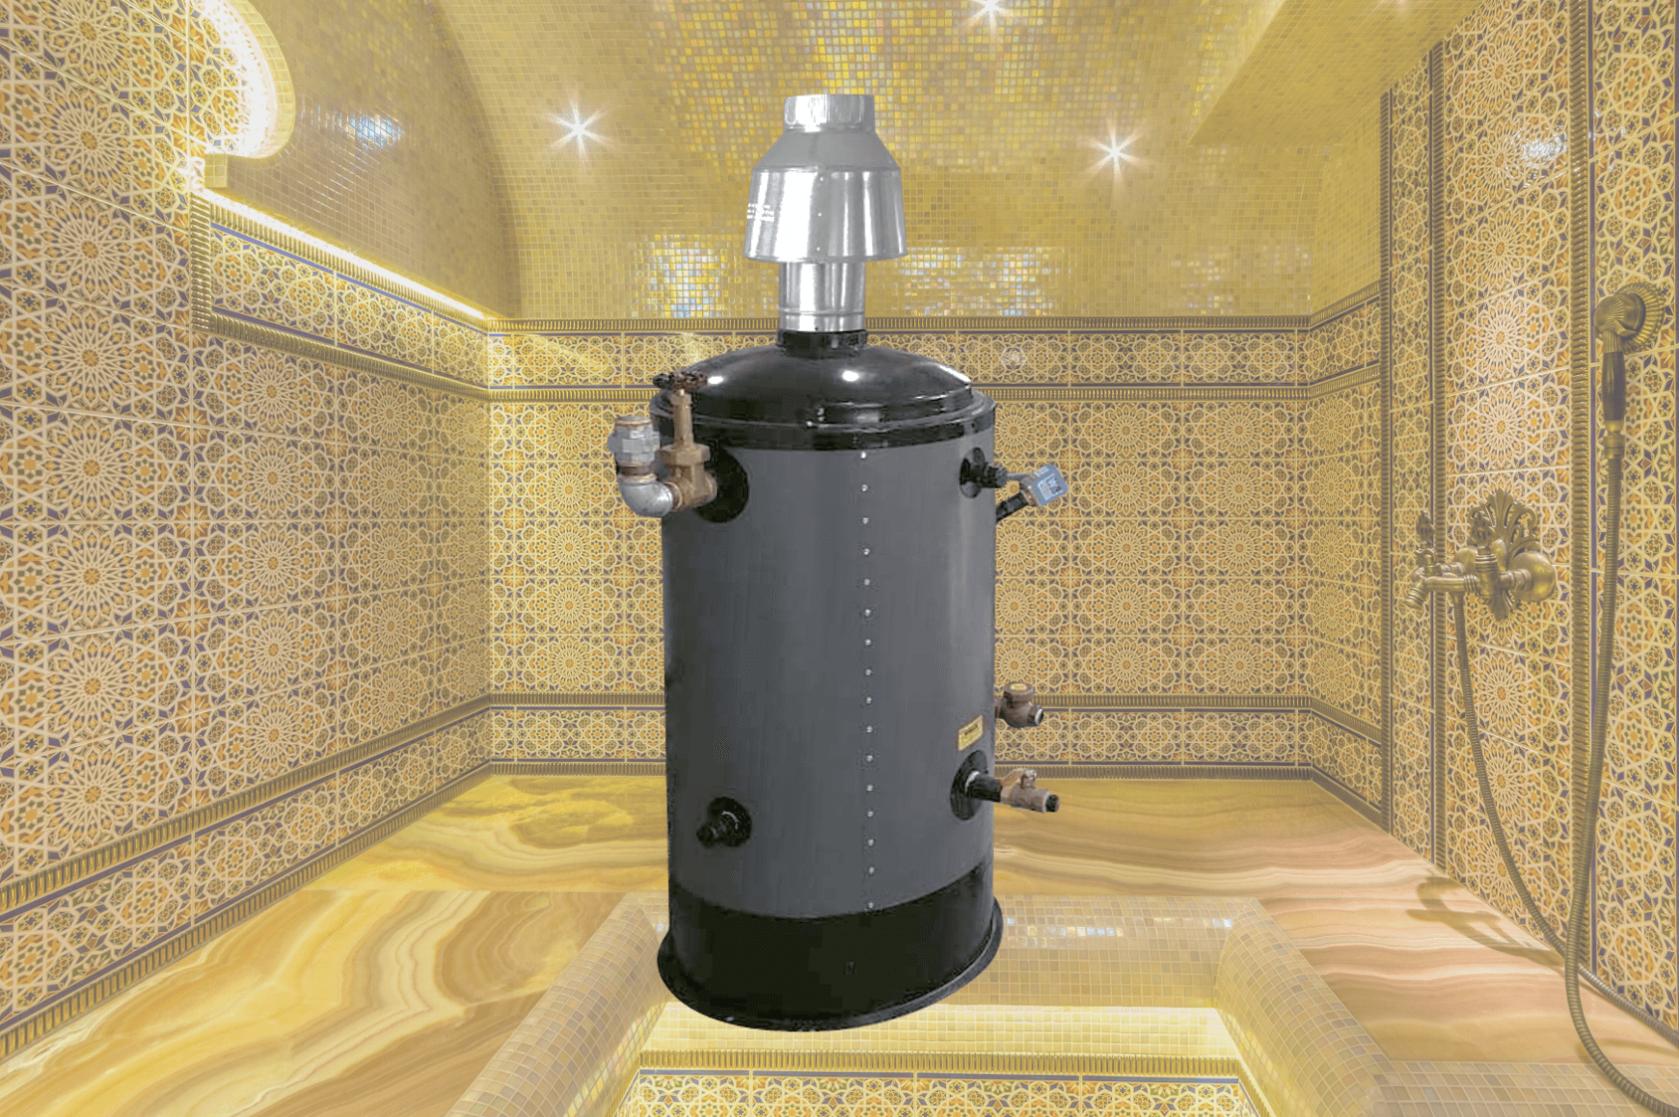 saunas-Vapor-GasComercial-3